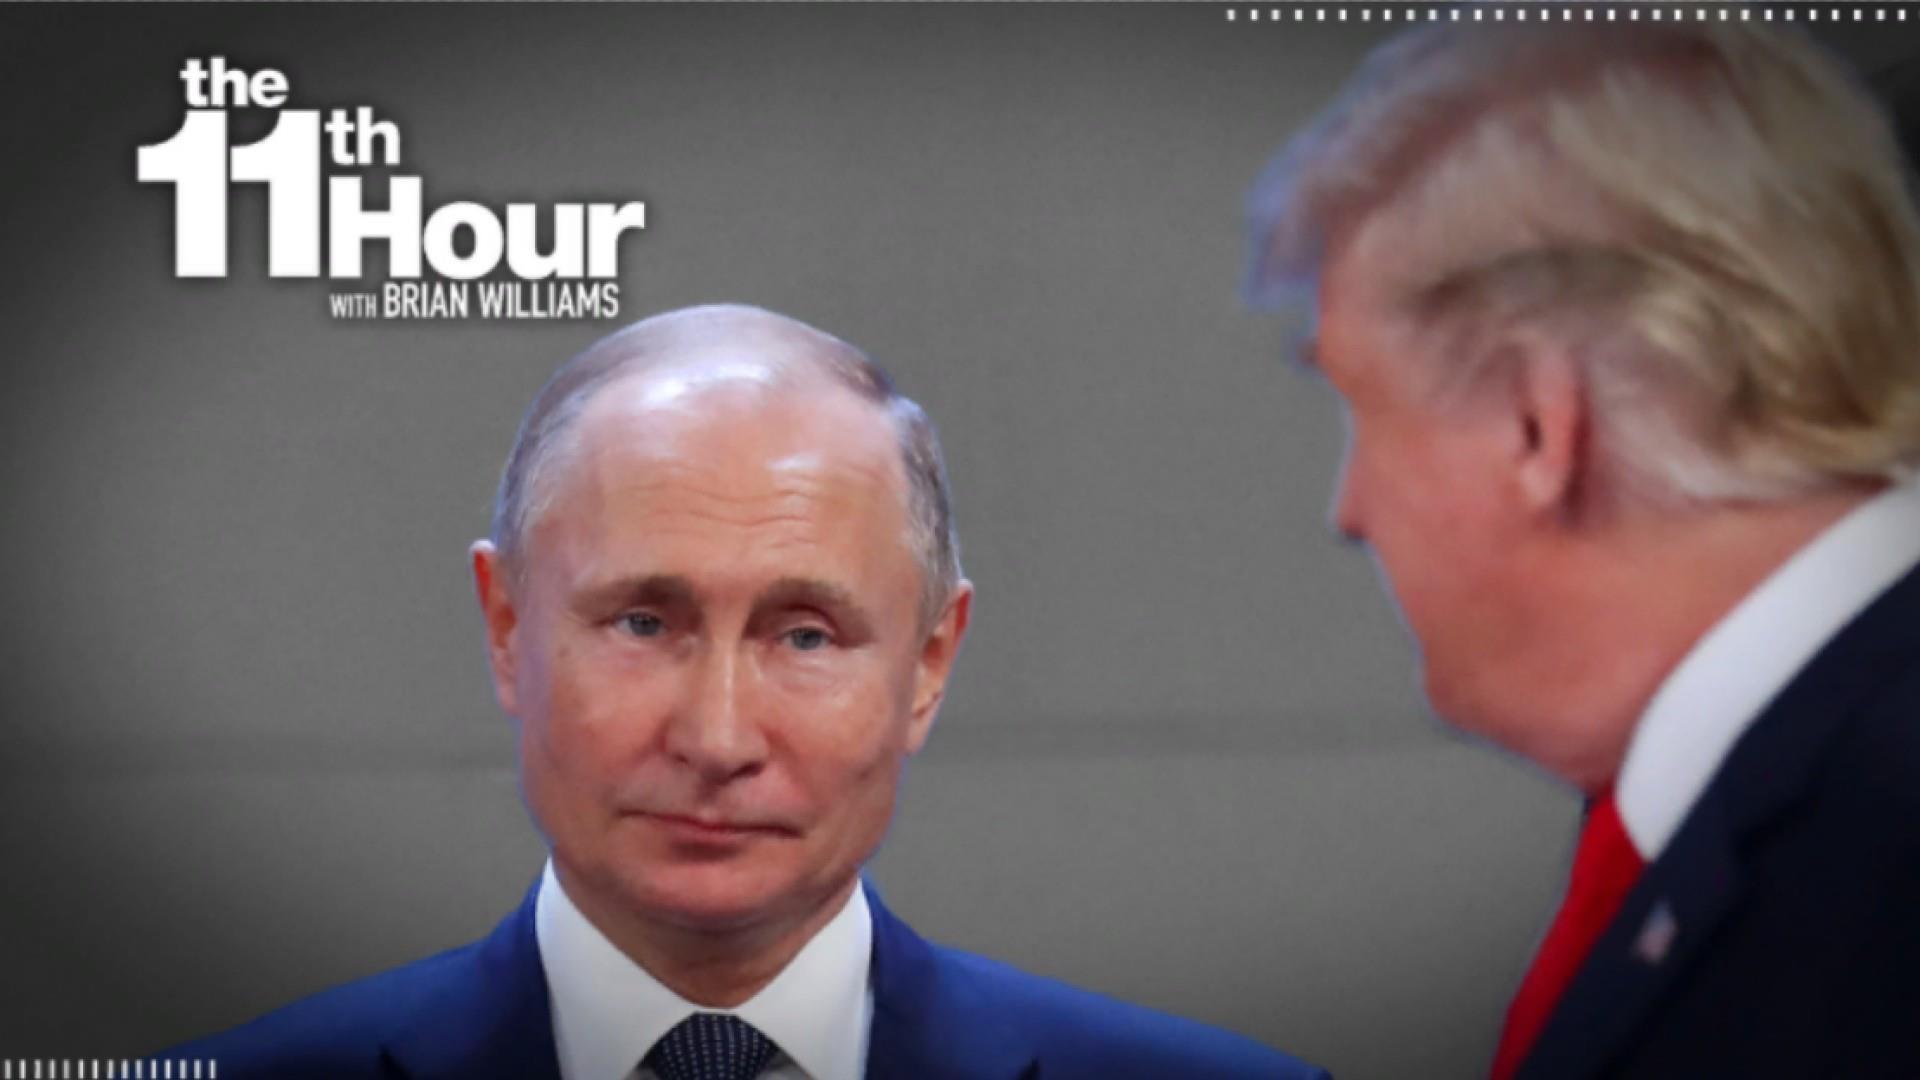 Russians targeted Mueller & black voters in effort to aid Trump